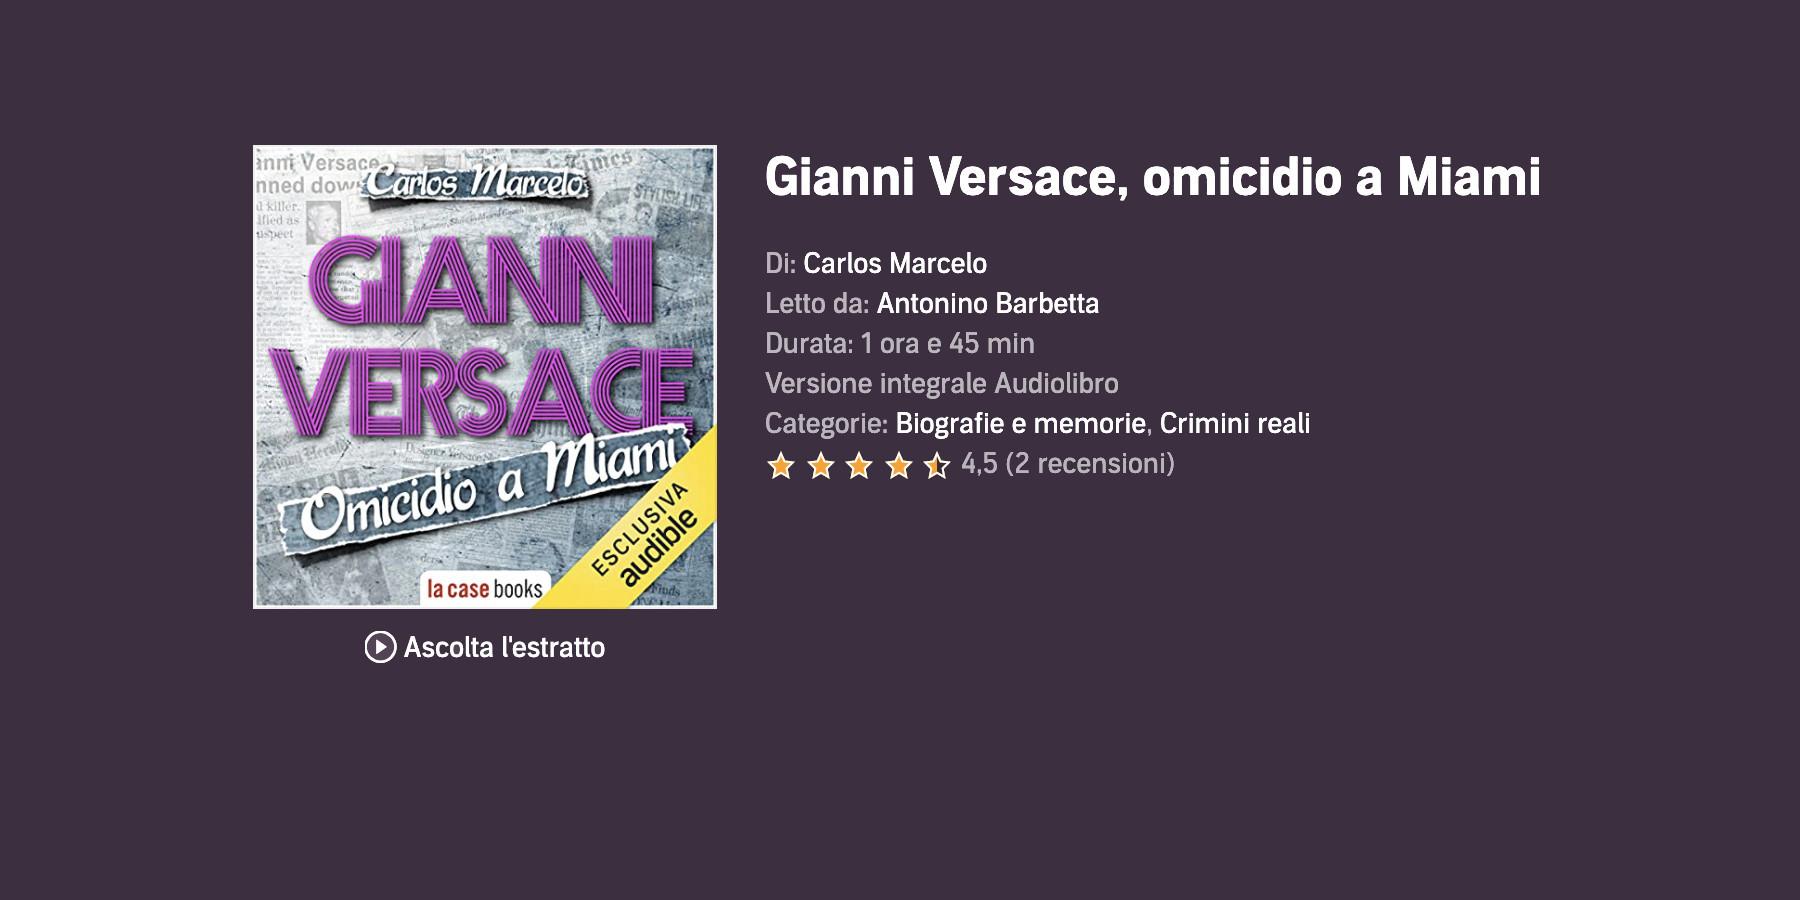 Gianni Versace, omicidio a Miami: l'audiolibro per riscoprire un'icona pop